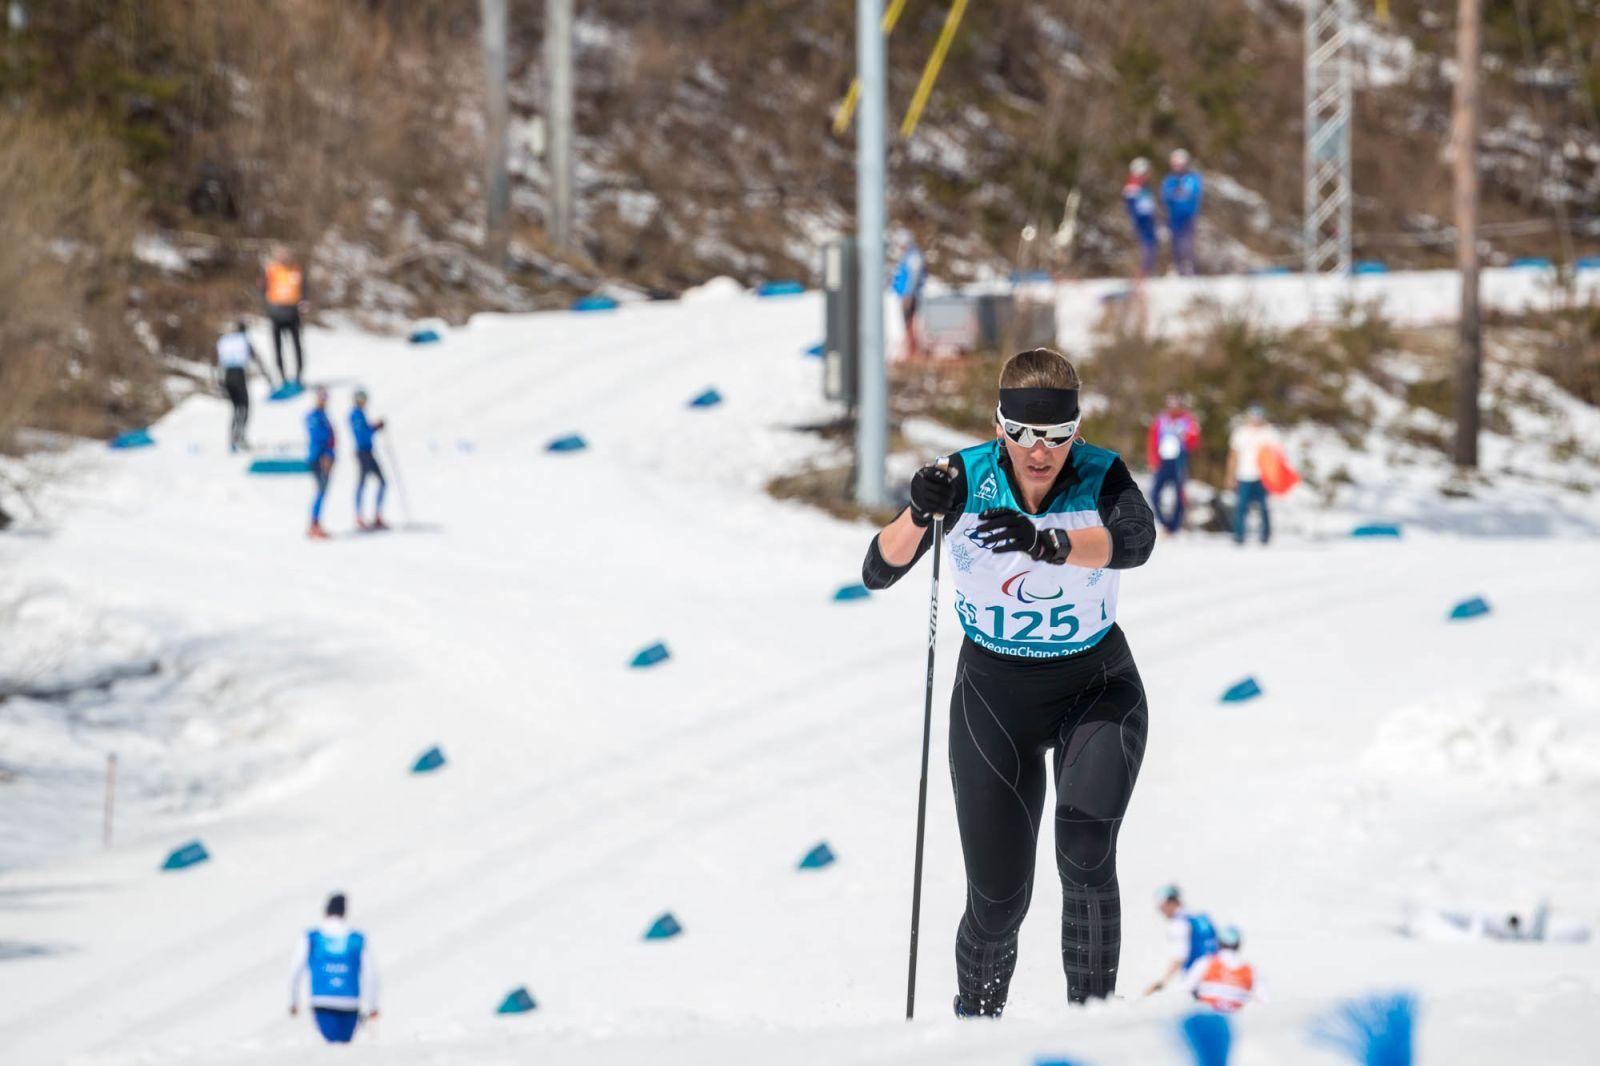 П.А. Рожков, И.А. Громова приняли участие в просмотре соревнований заключительного соревновательного дня Паралимпиады-2018